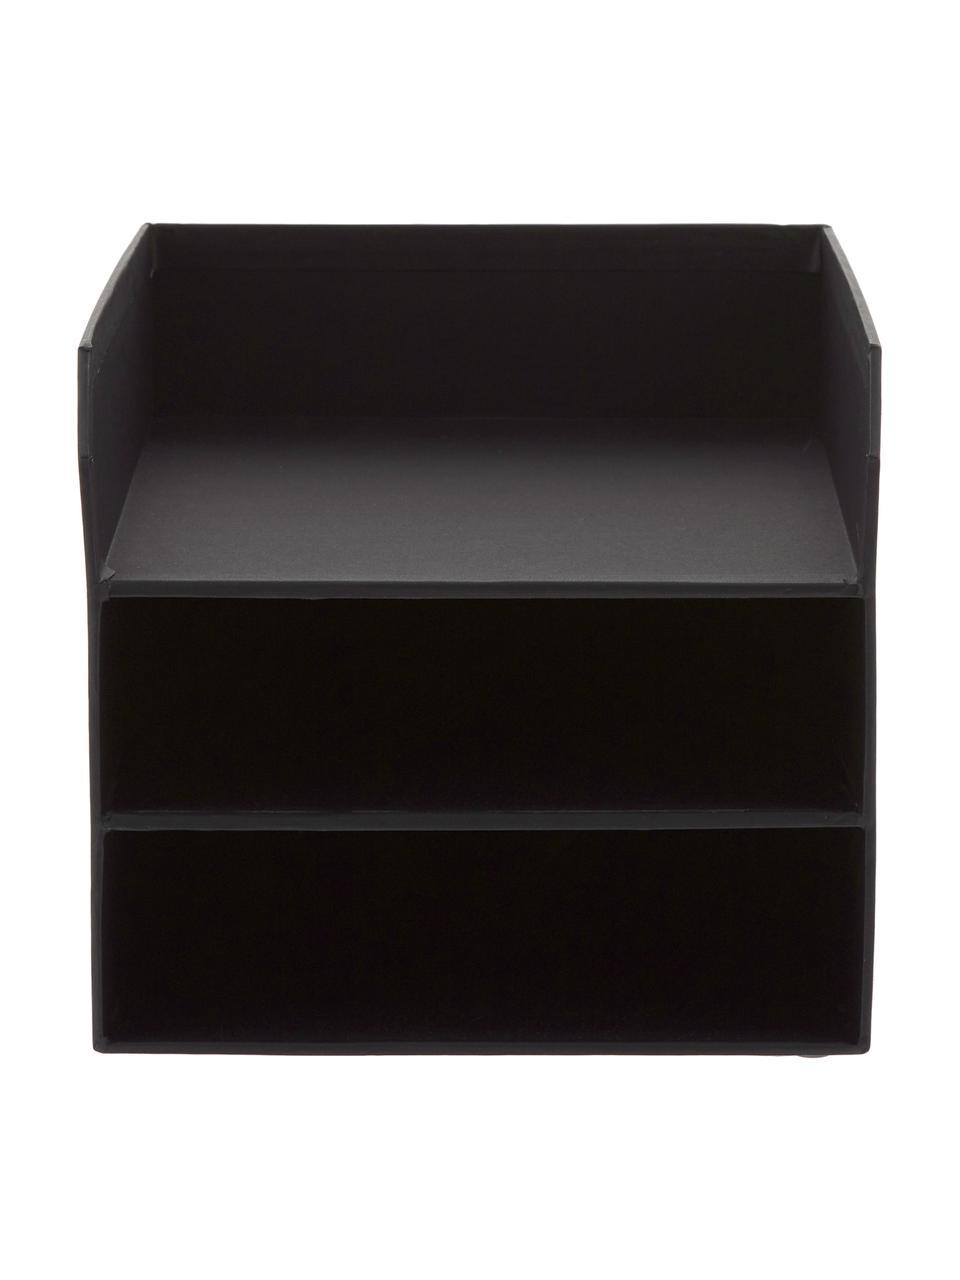 Dokumenten-Ablage Trey, Fester, laminierter Karton, Schwarz, 23 x 21 cm